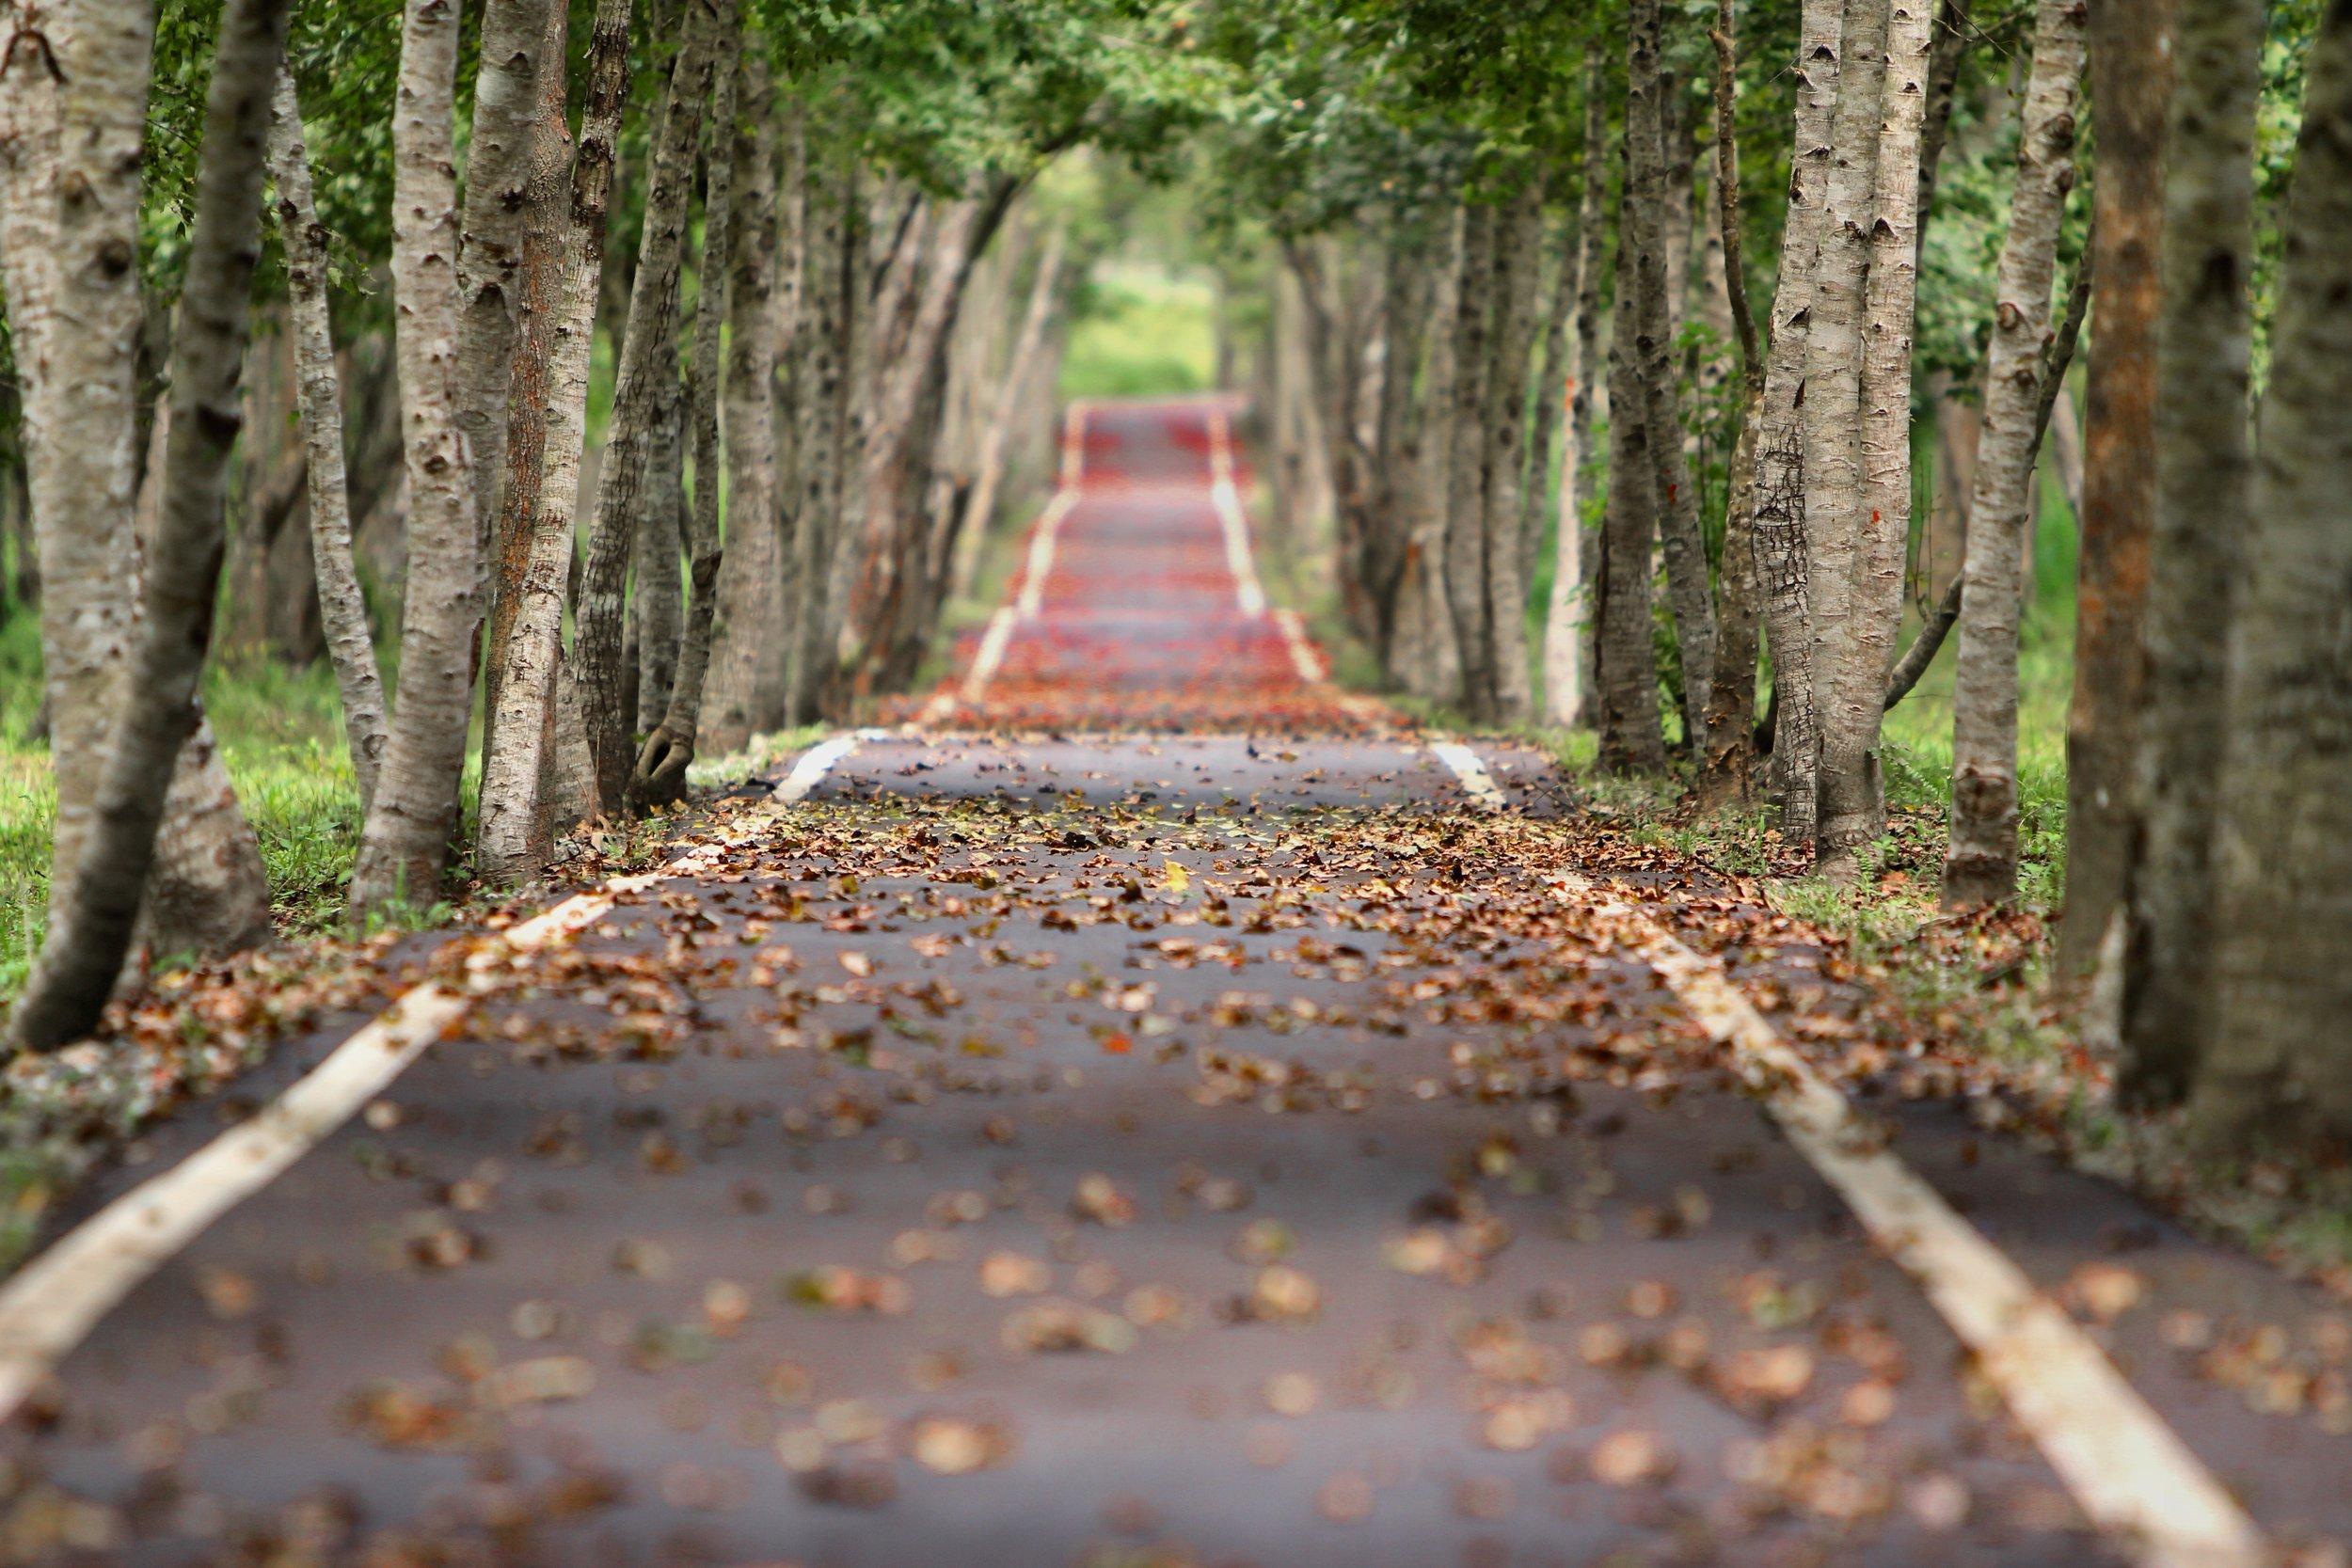 blur-branches-foliage-38537.jpg